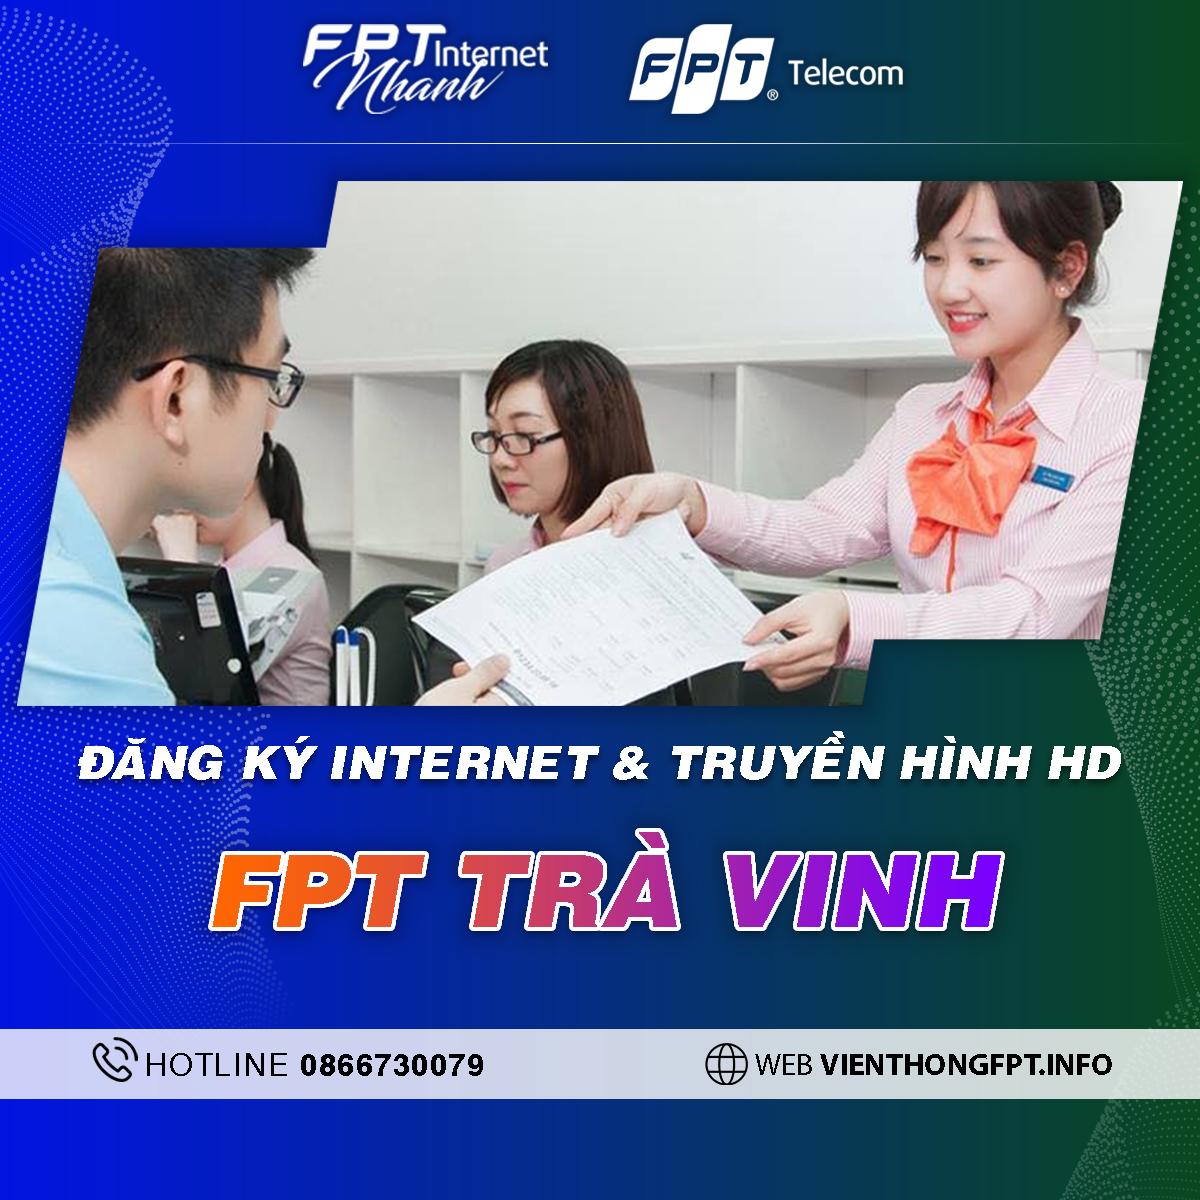 Chi nhánh FPT Trà Vinh - Tổng đài lắp Internet và Truyền hình FPT